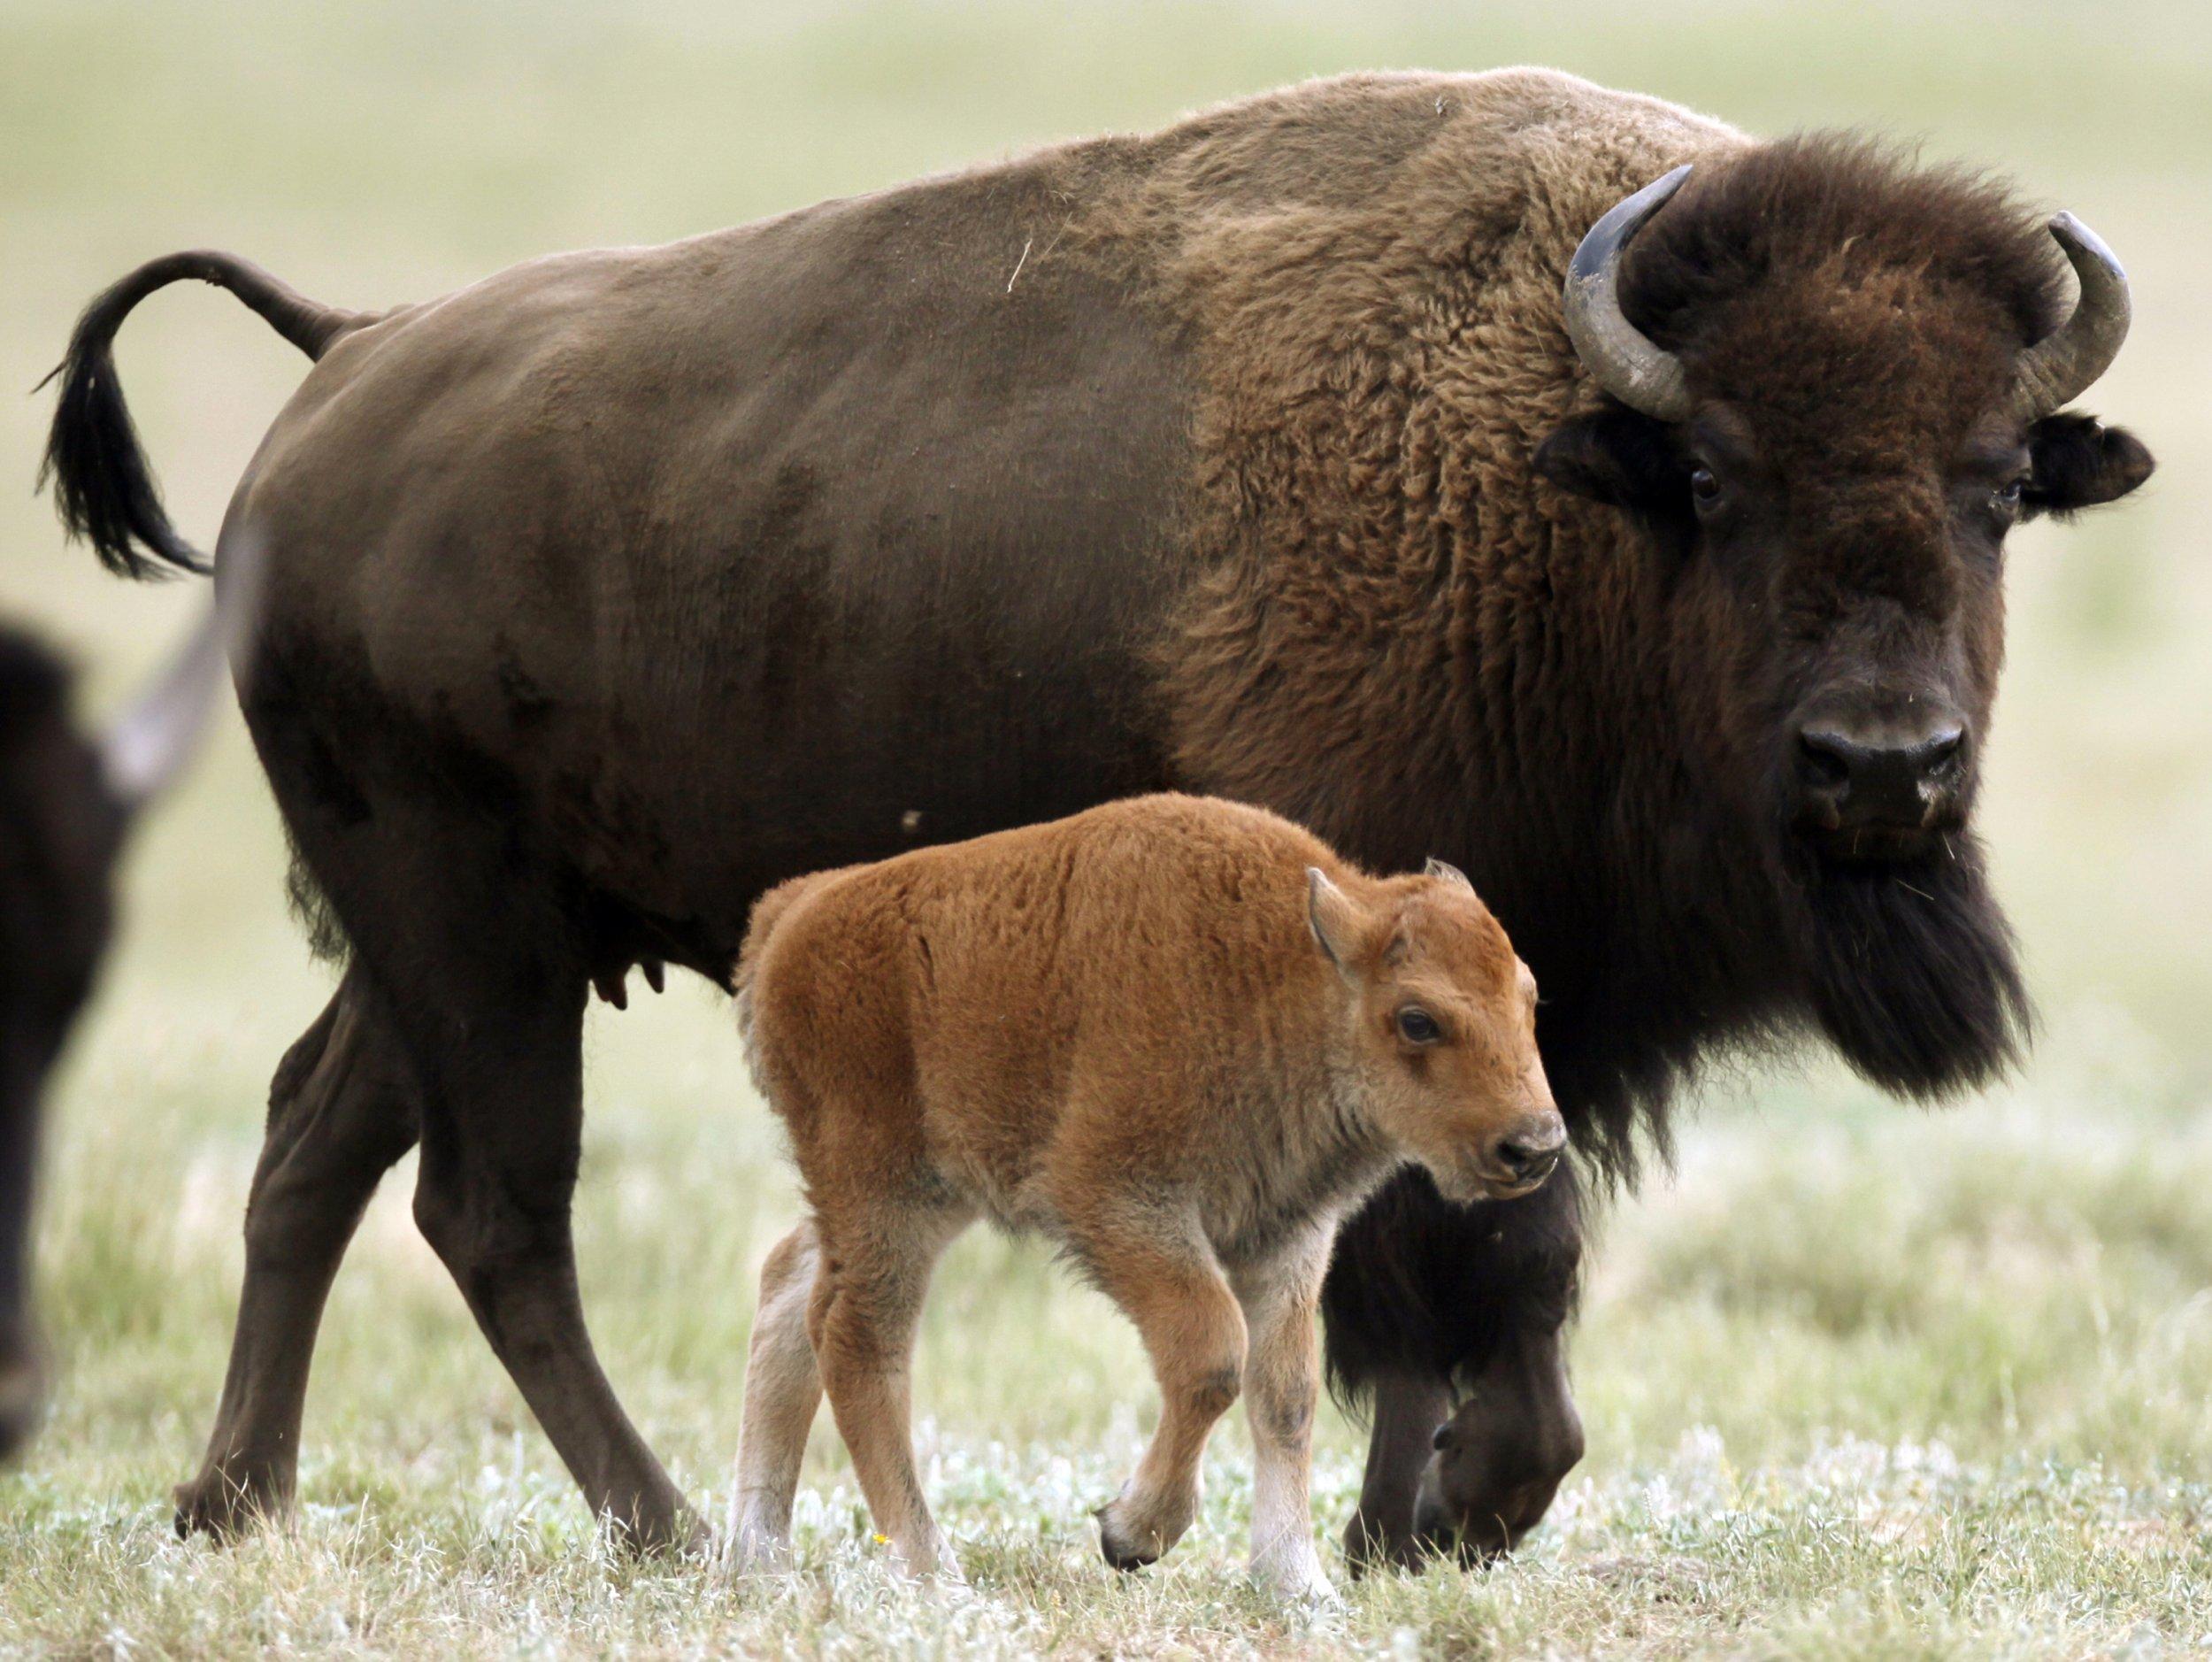 bison - photo #19